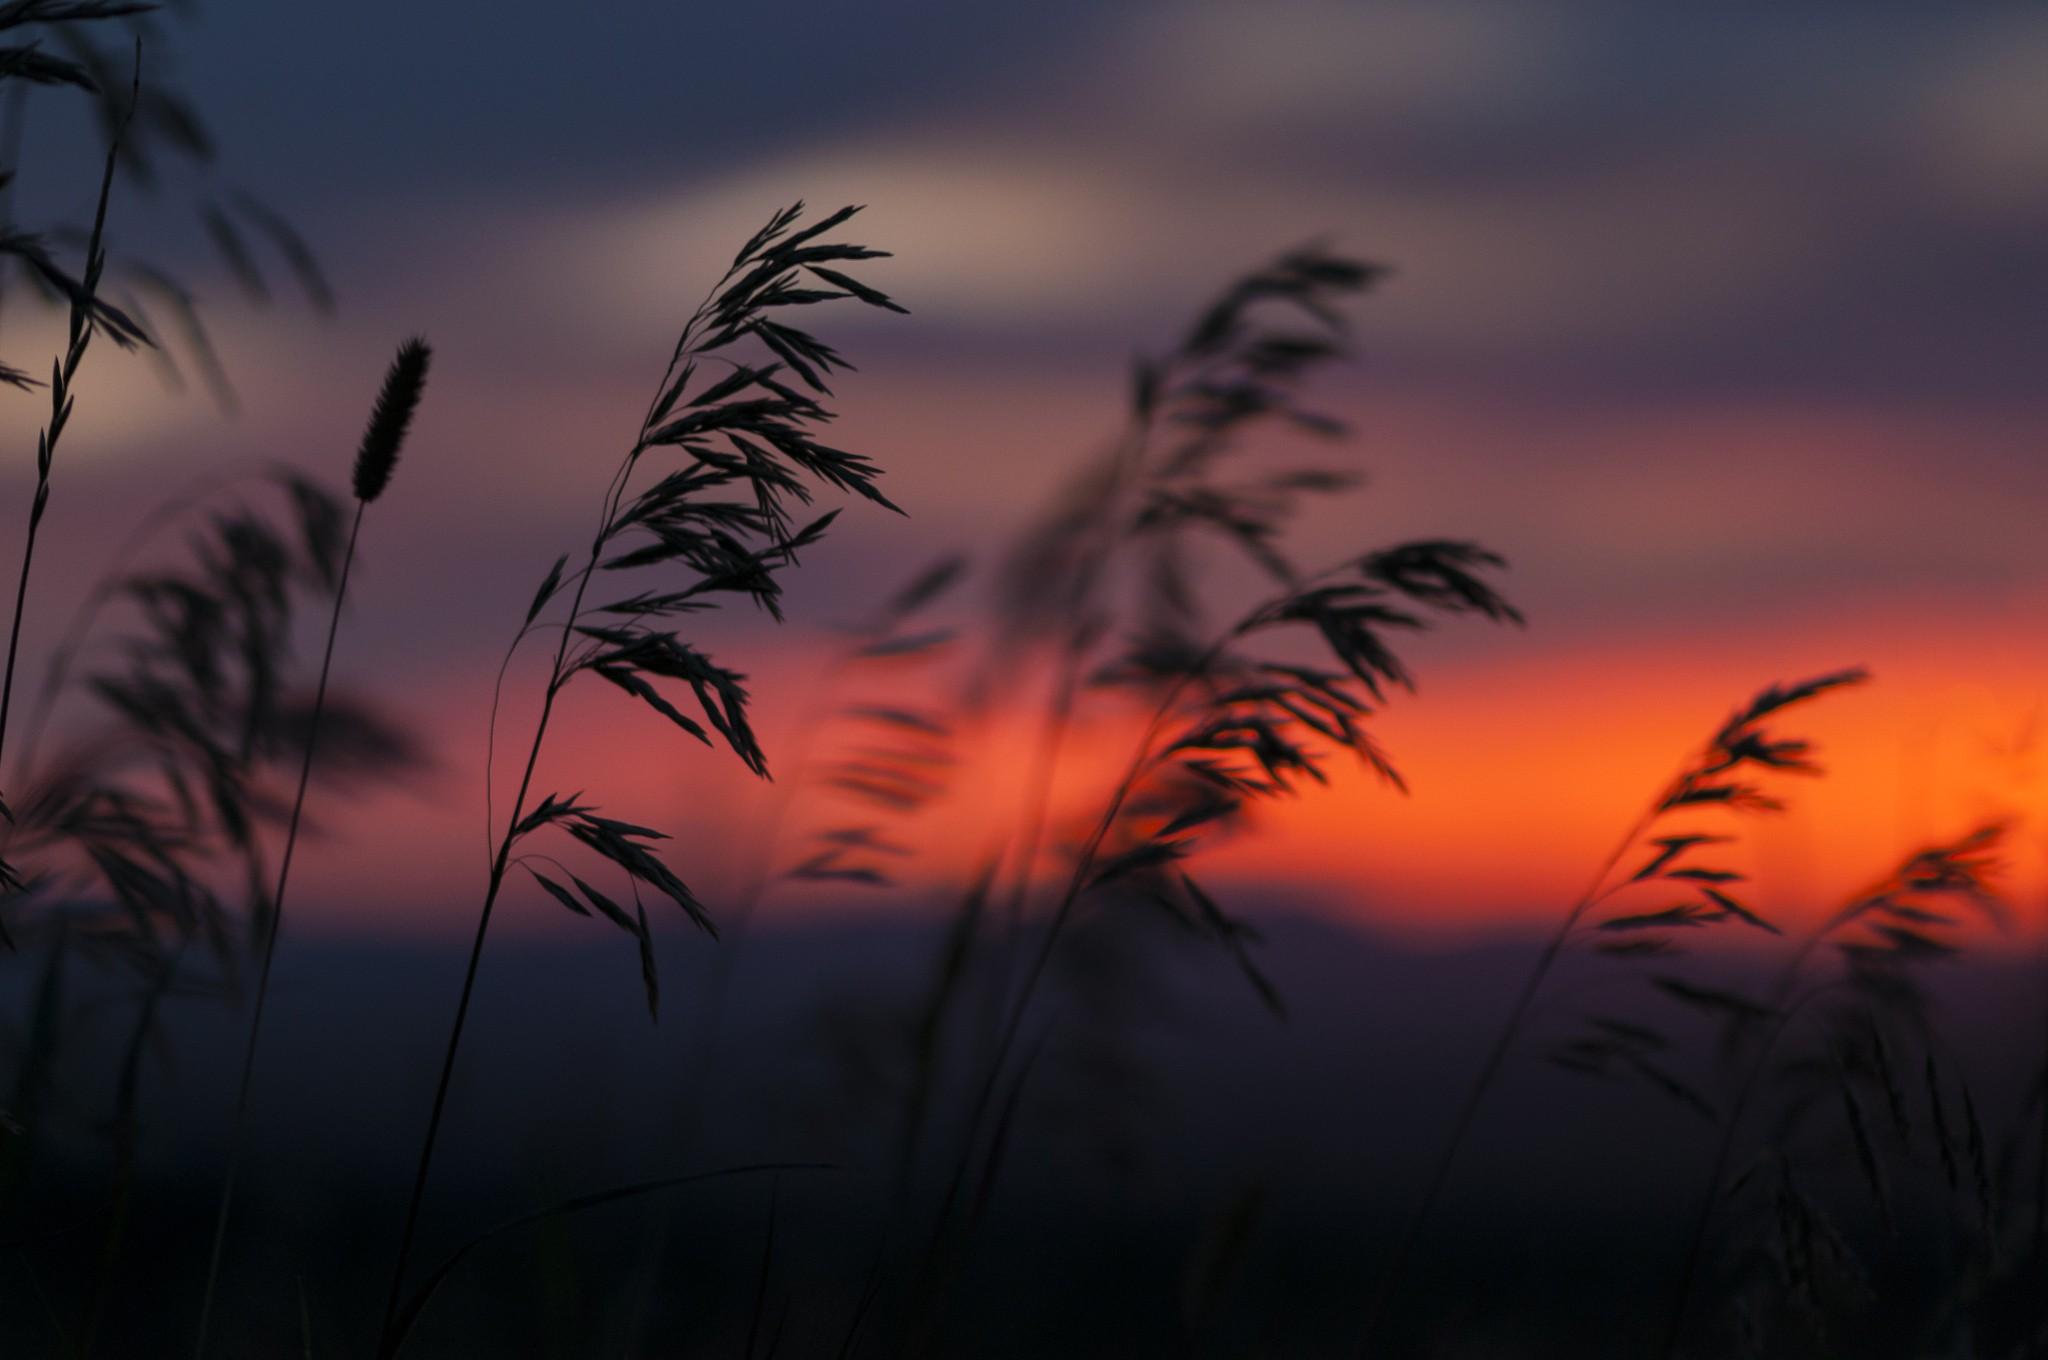 картинки закат и трава купить спутниковый